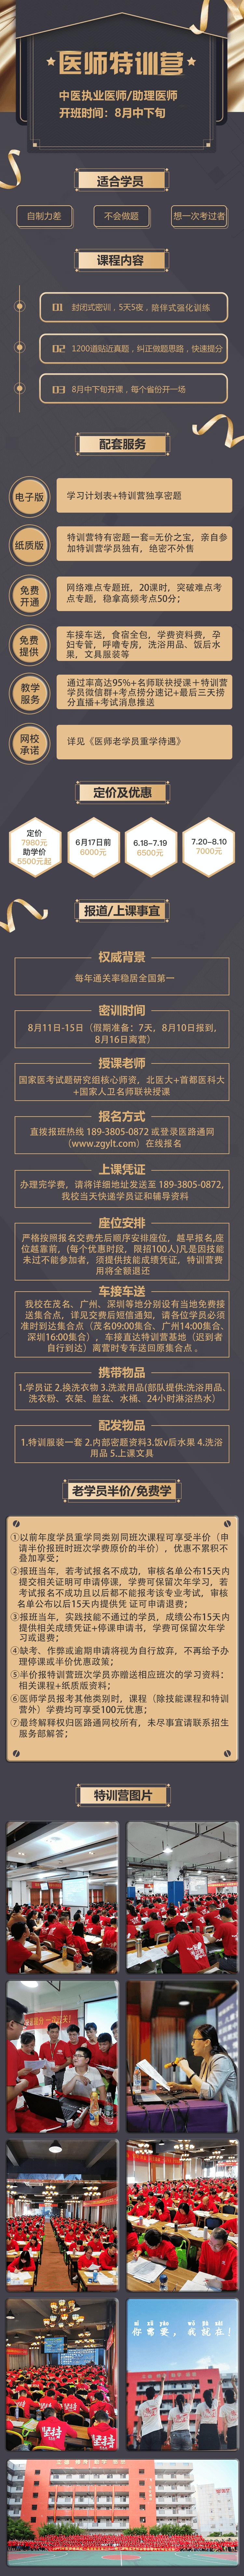 中医特训营 .png